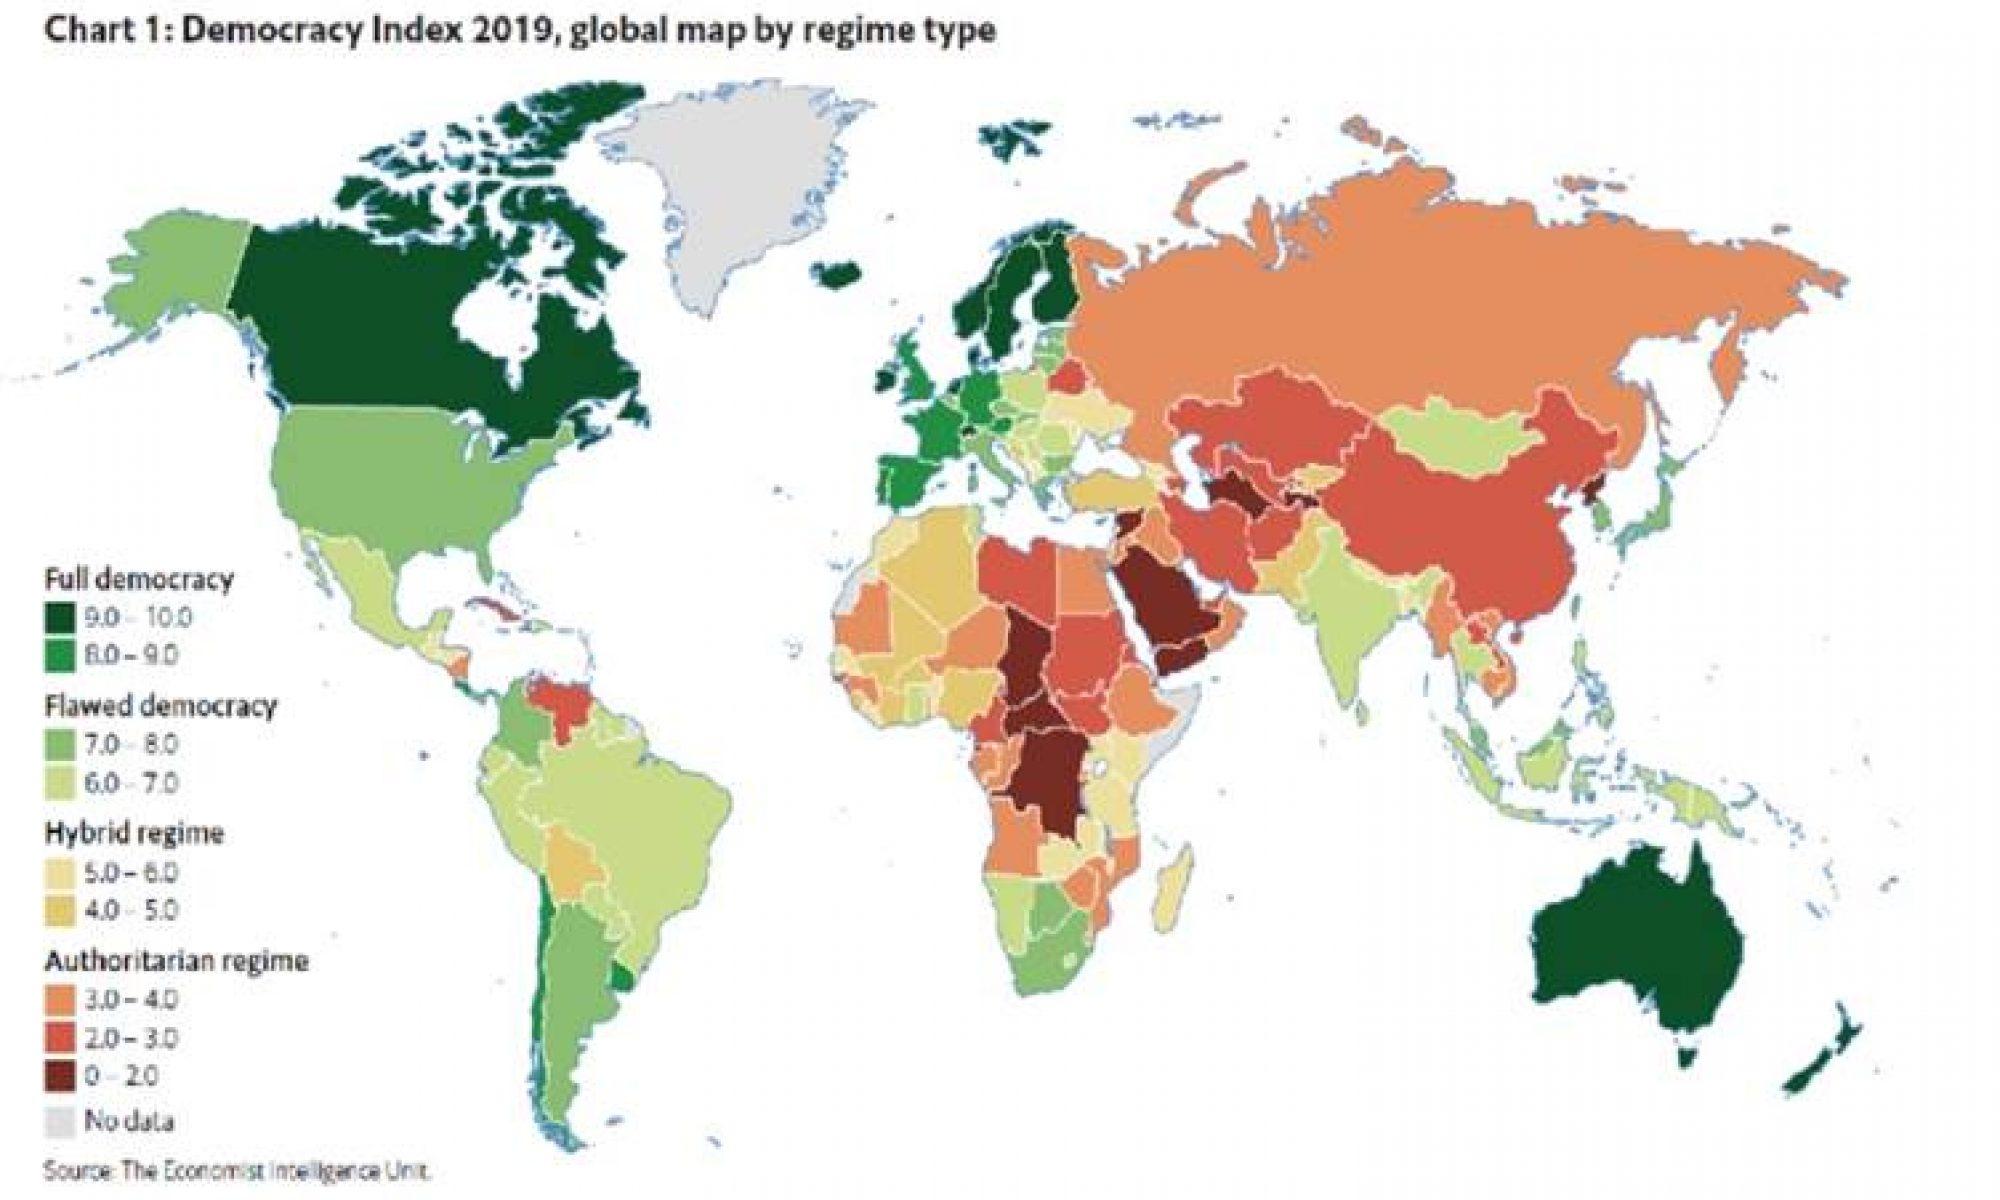 د راپۆرا دەمۆکراسیێ یا سالا ٢٠١٩ان ترکیێ ل ریزا ١١٠ان دە جیهگرت